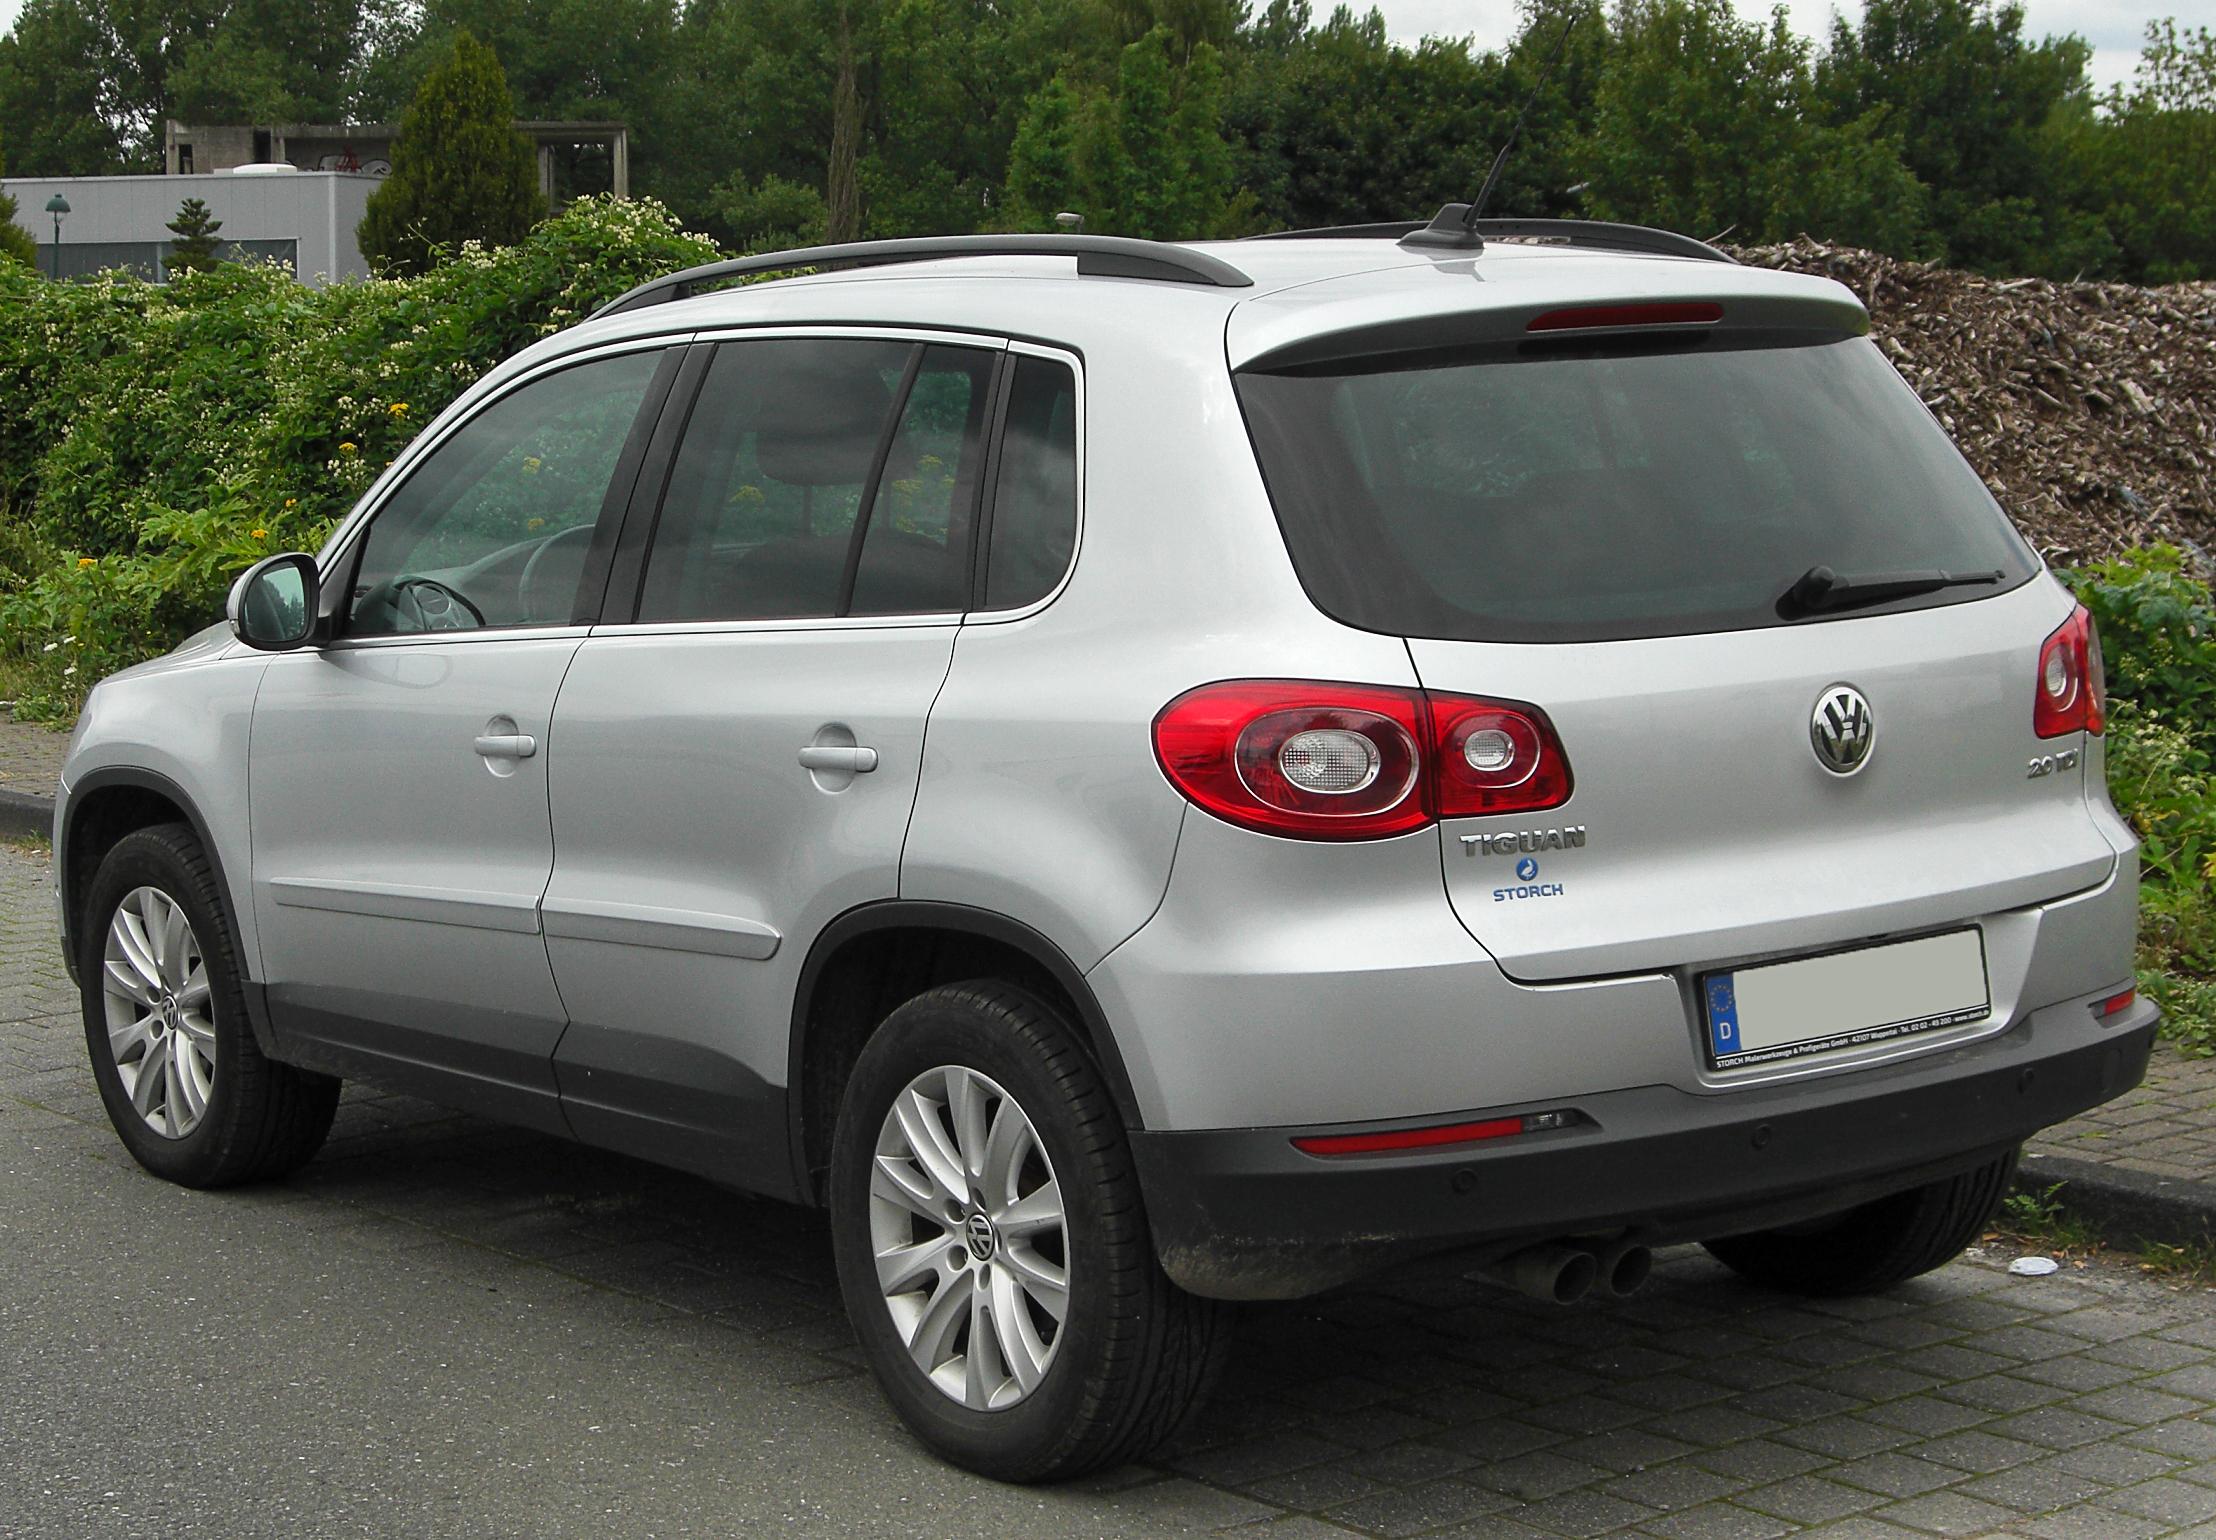 File:VW Tiguan 2.0 TDI rear 20100801.jpg - Wikipedia